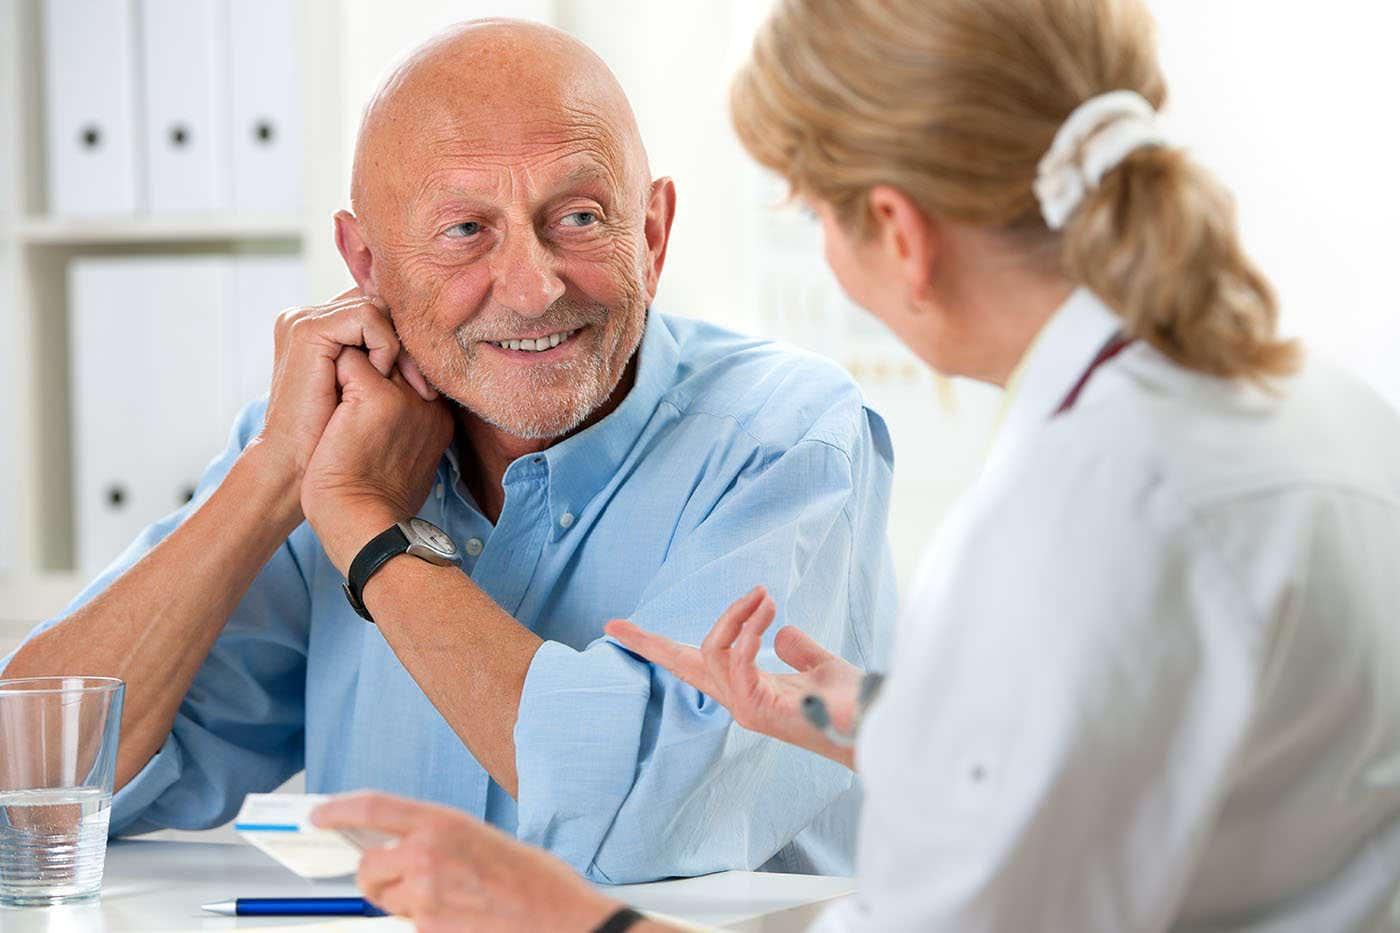 Ce este scorul PASI utilizat în tratamentul pentru psoriazis?